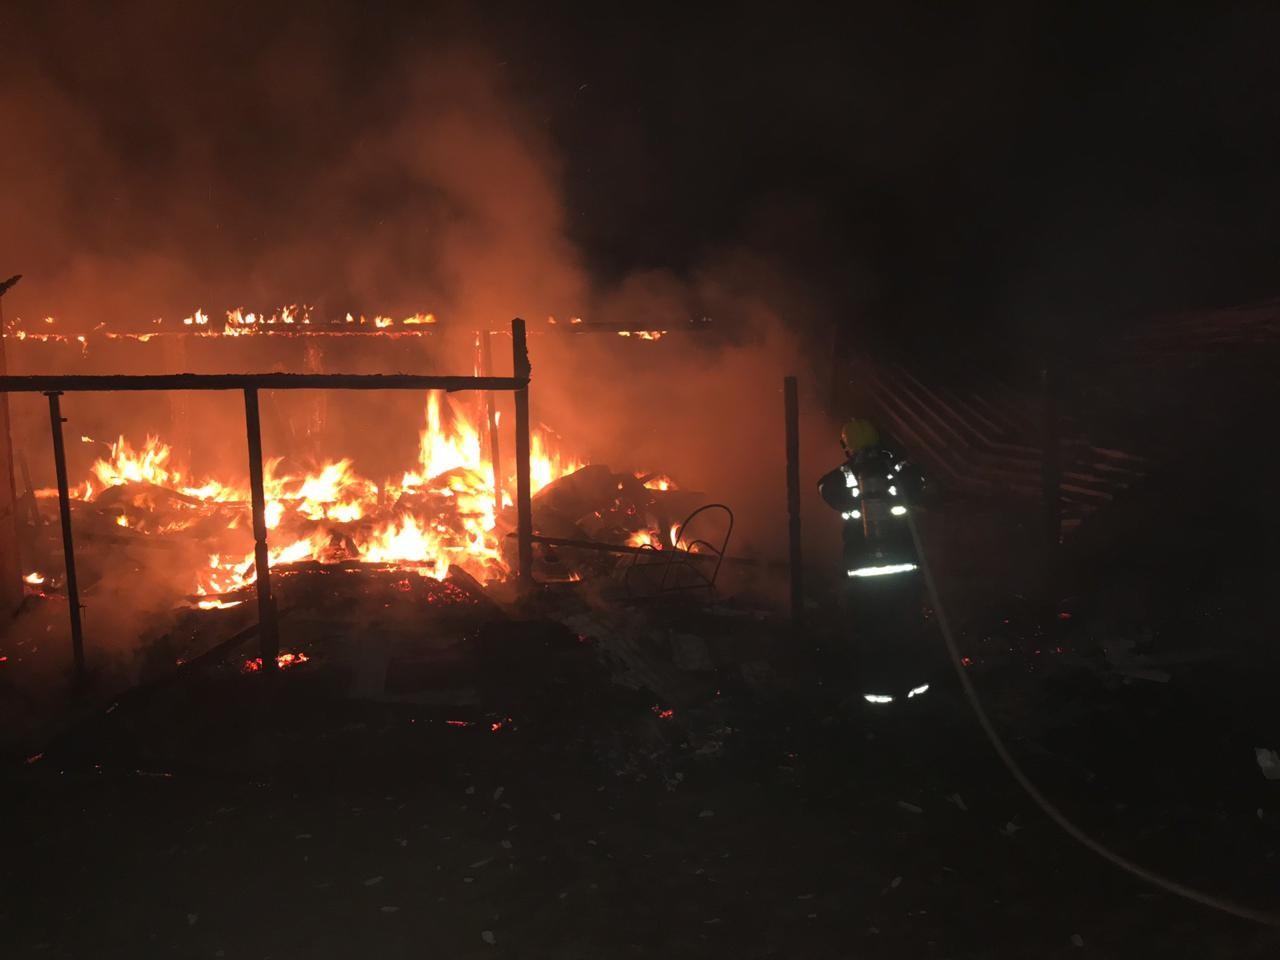 Casa fica totalmente destruída por incêndio em Rio das Antas - Notícias - Plantão Diário